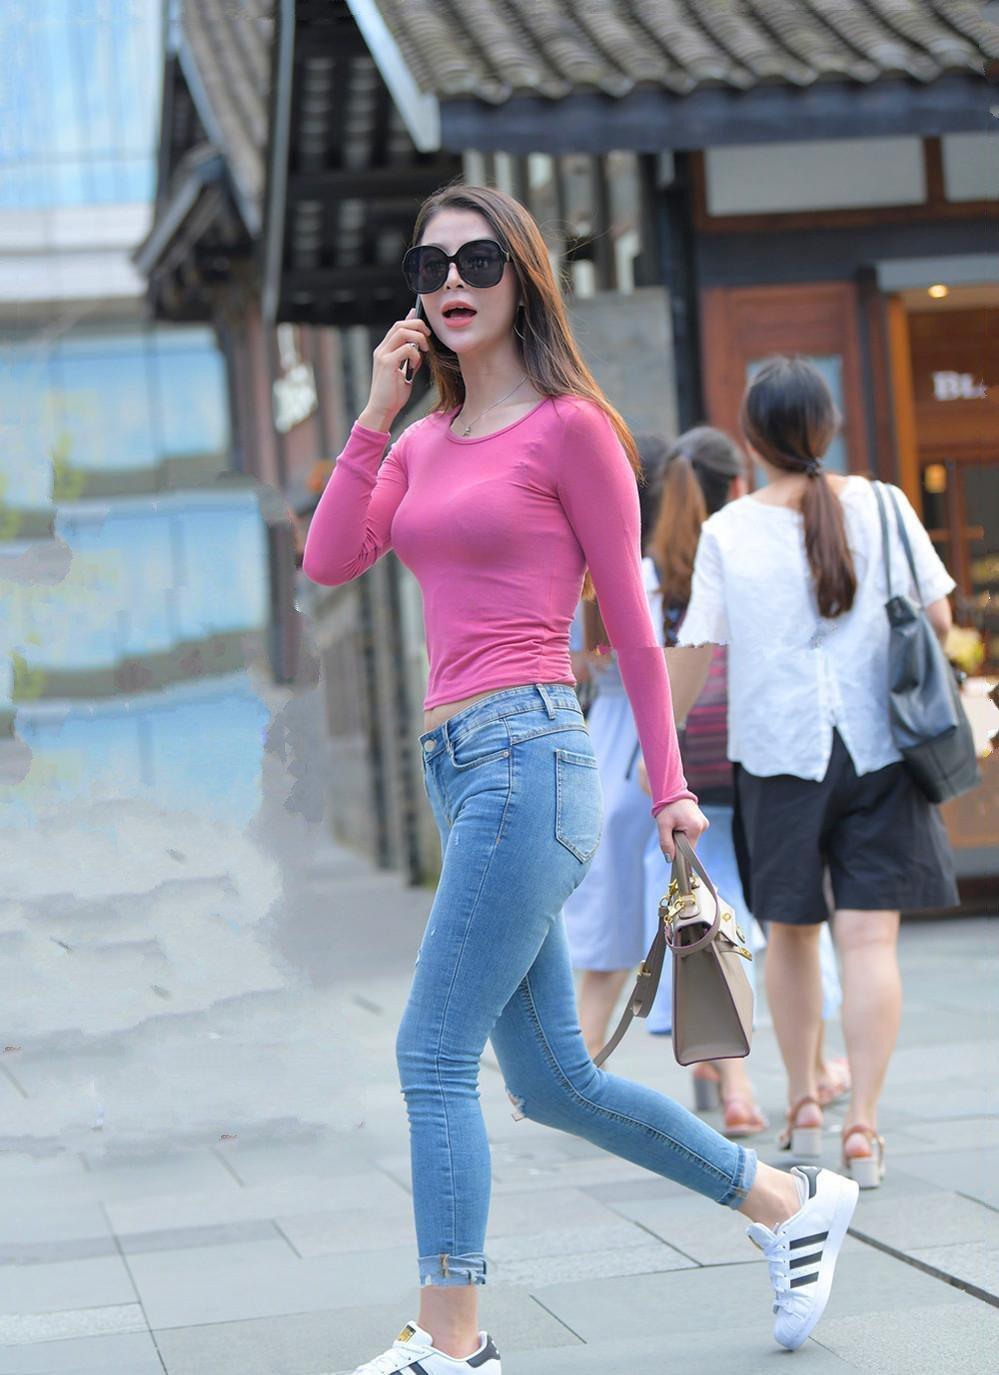 休闲时尚的穿搭窍门,潮流舒适的修身牛仔,适合有气质的女生